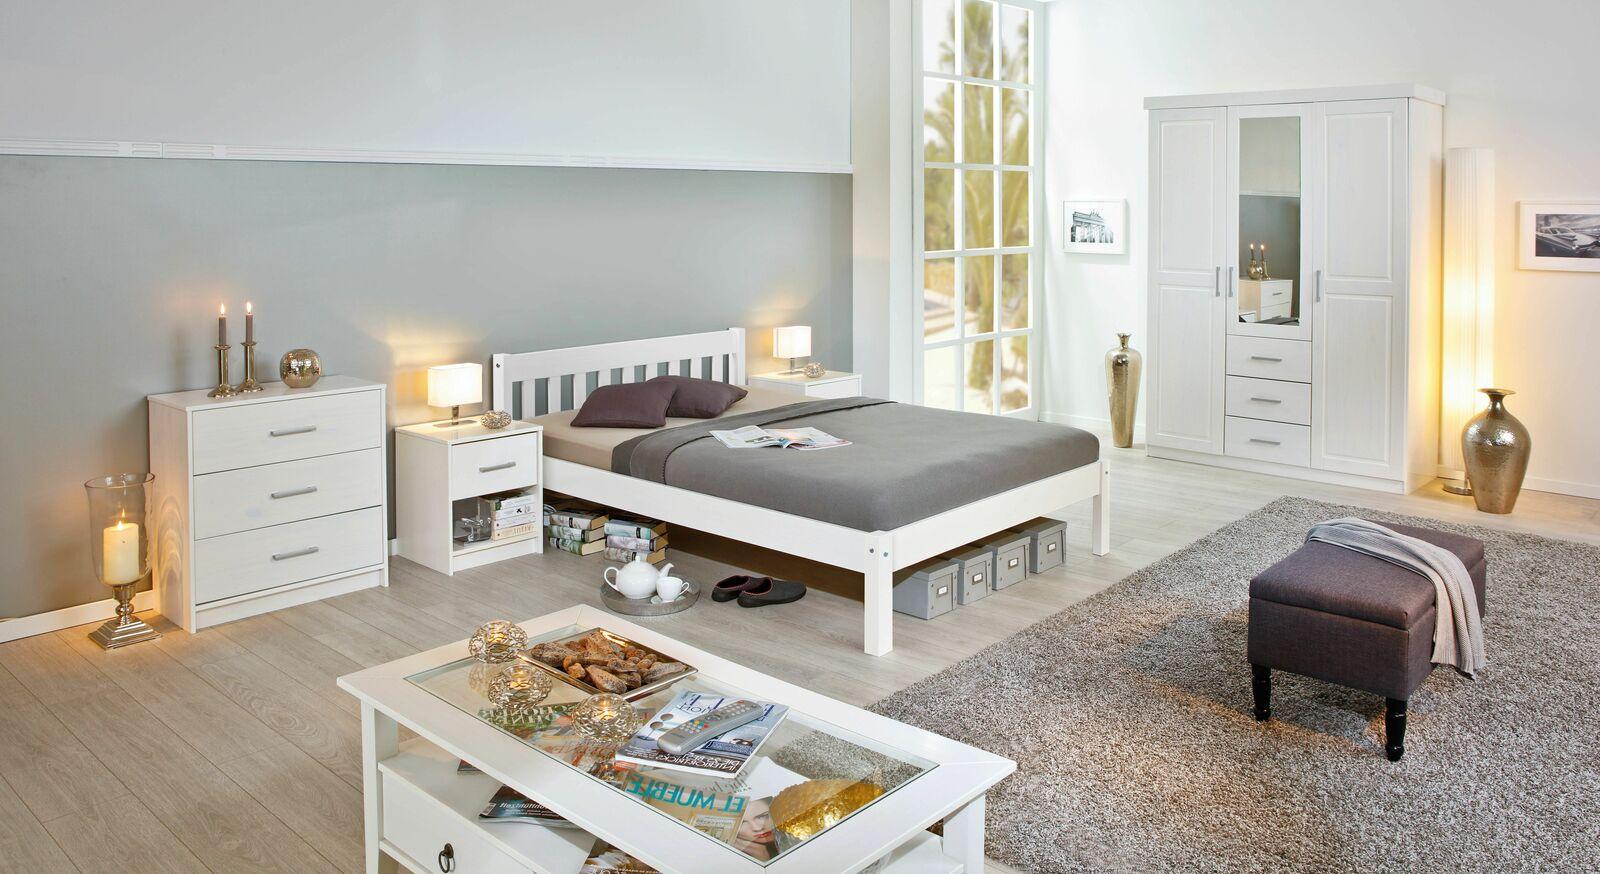 Jugendzimmer Genf mit weißen Massivholzmöbeln